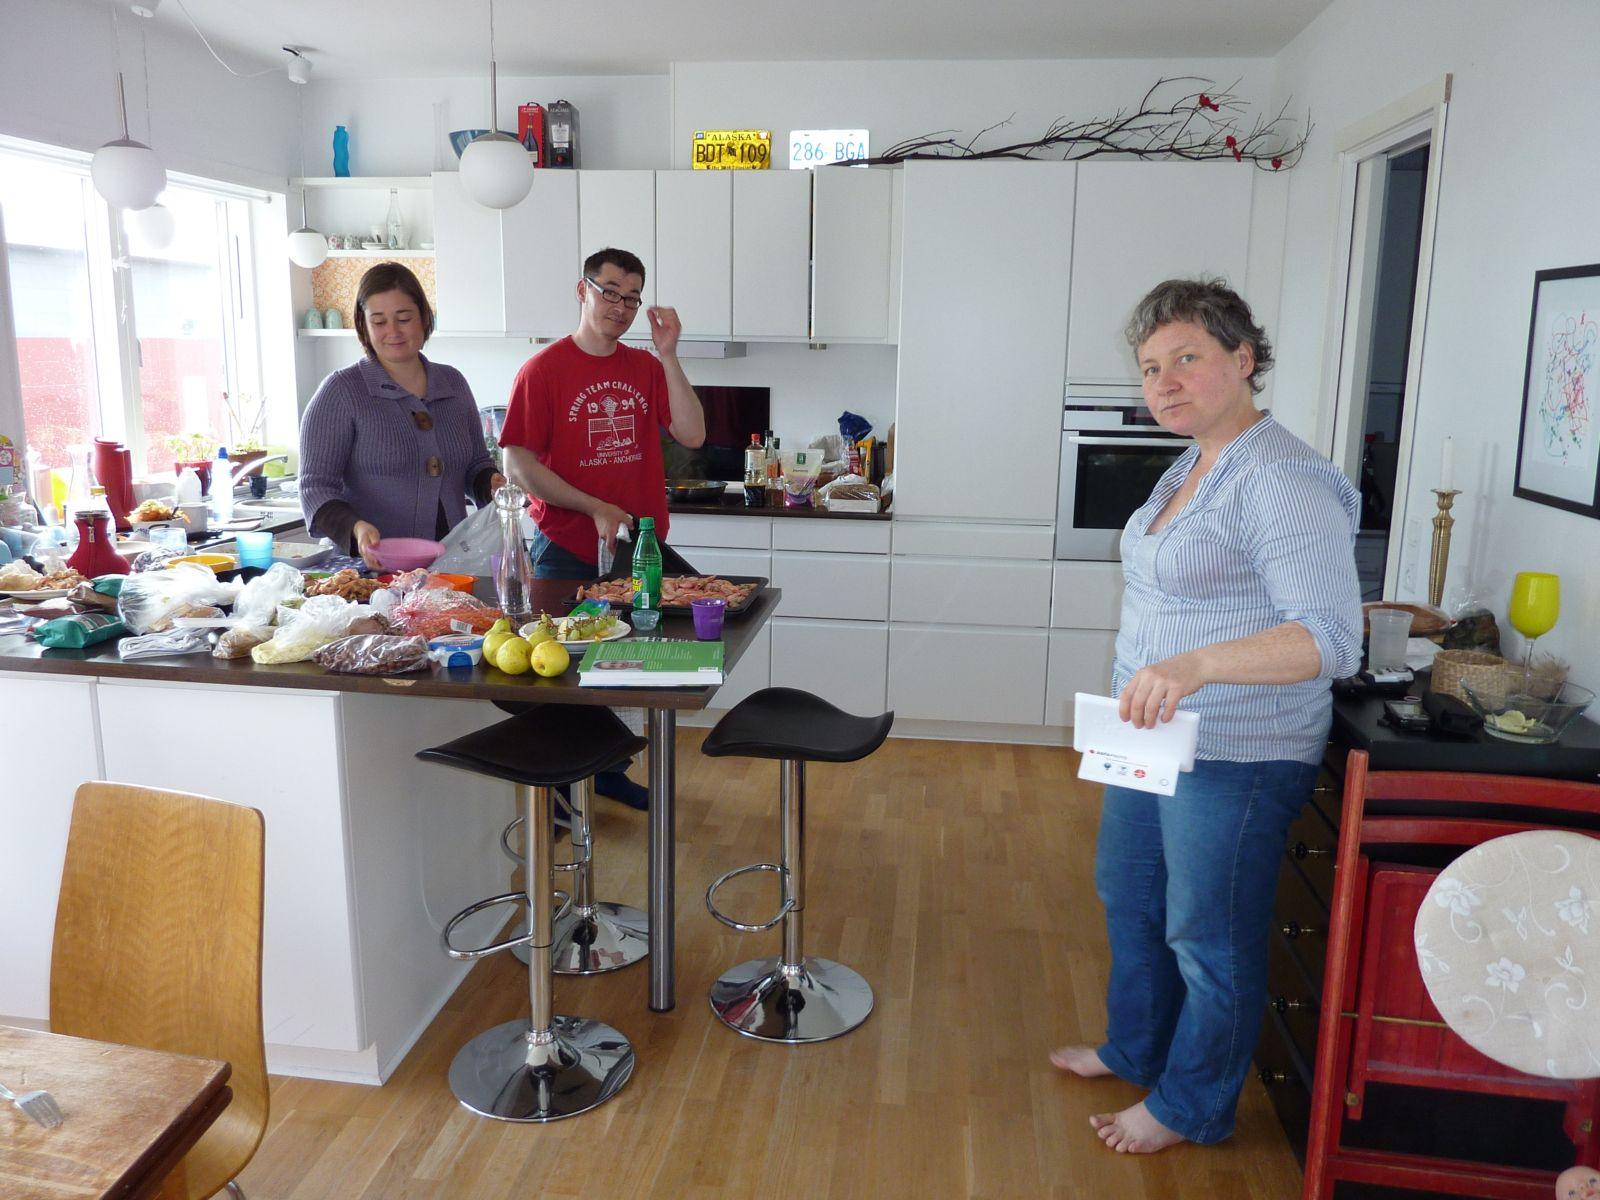 2010-06-19-1840_-_Jesper Eugenius Labansen; Maritha Eugenius Labansen; Mette Labansen